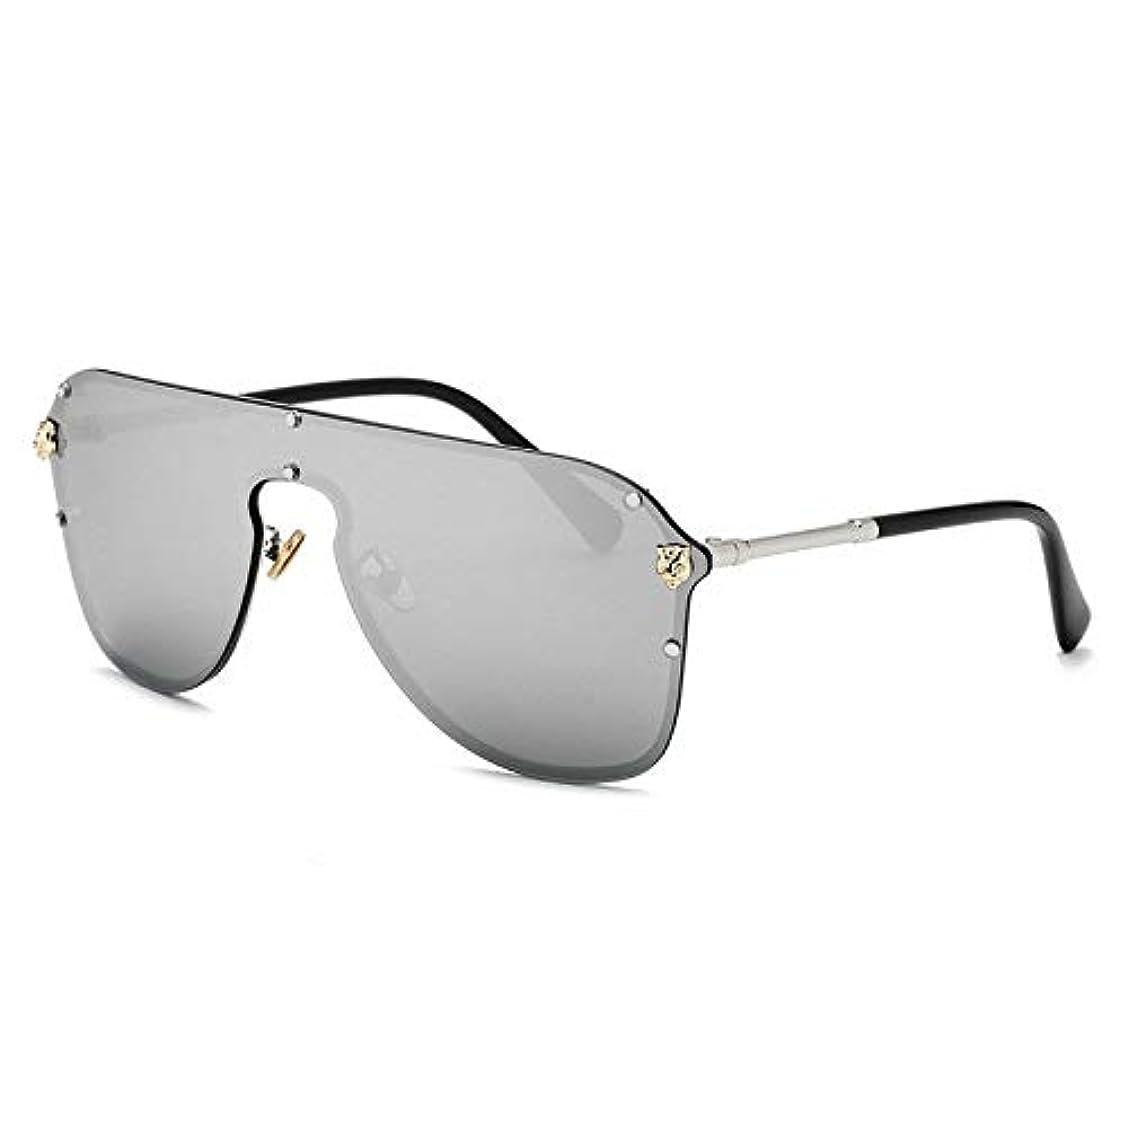 本焦がすスラダムJPYLY 耐久性 優れた ファッション サングラス サングラス 大きなフレームゴーグルサングラスサングラス (Size : B)